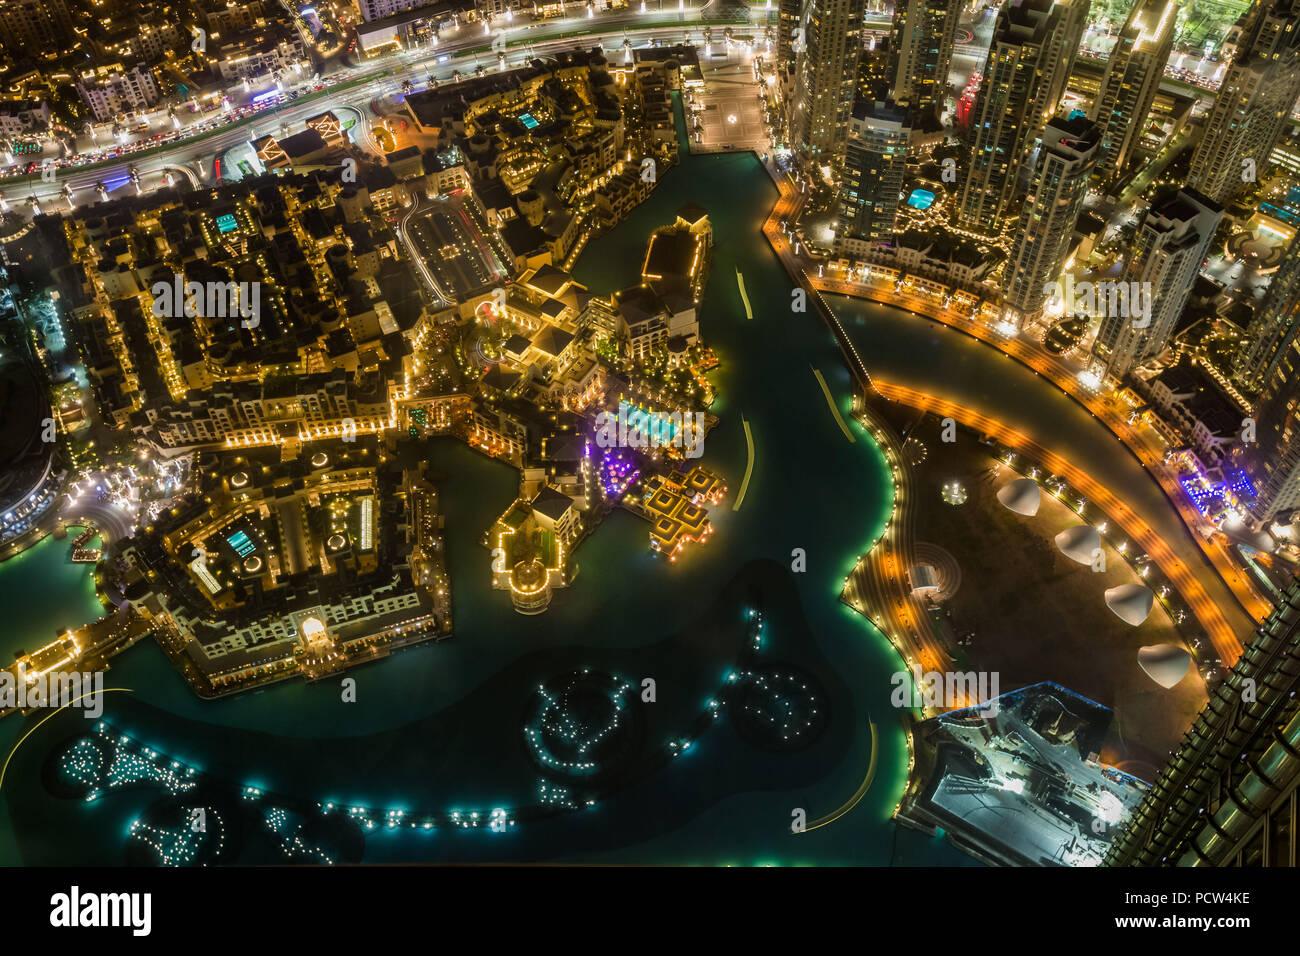 Vista aérea de detalle en la noche de la ciudad y el lago artificial de Dubai, Emiratos Árabes Unidos. Imagen De Stock